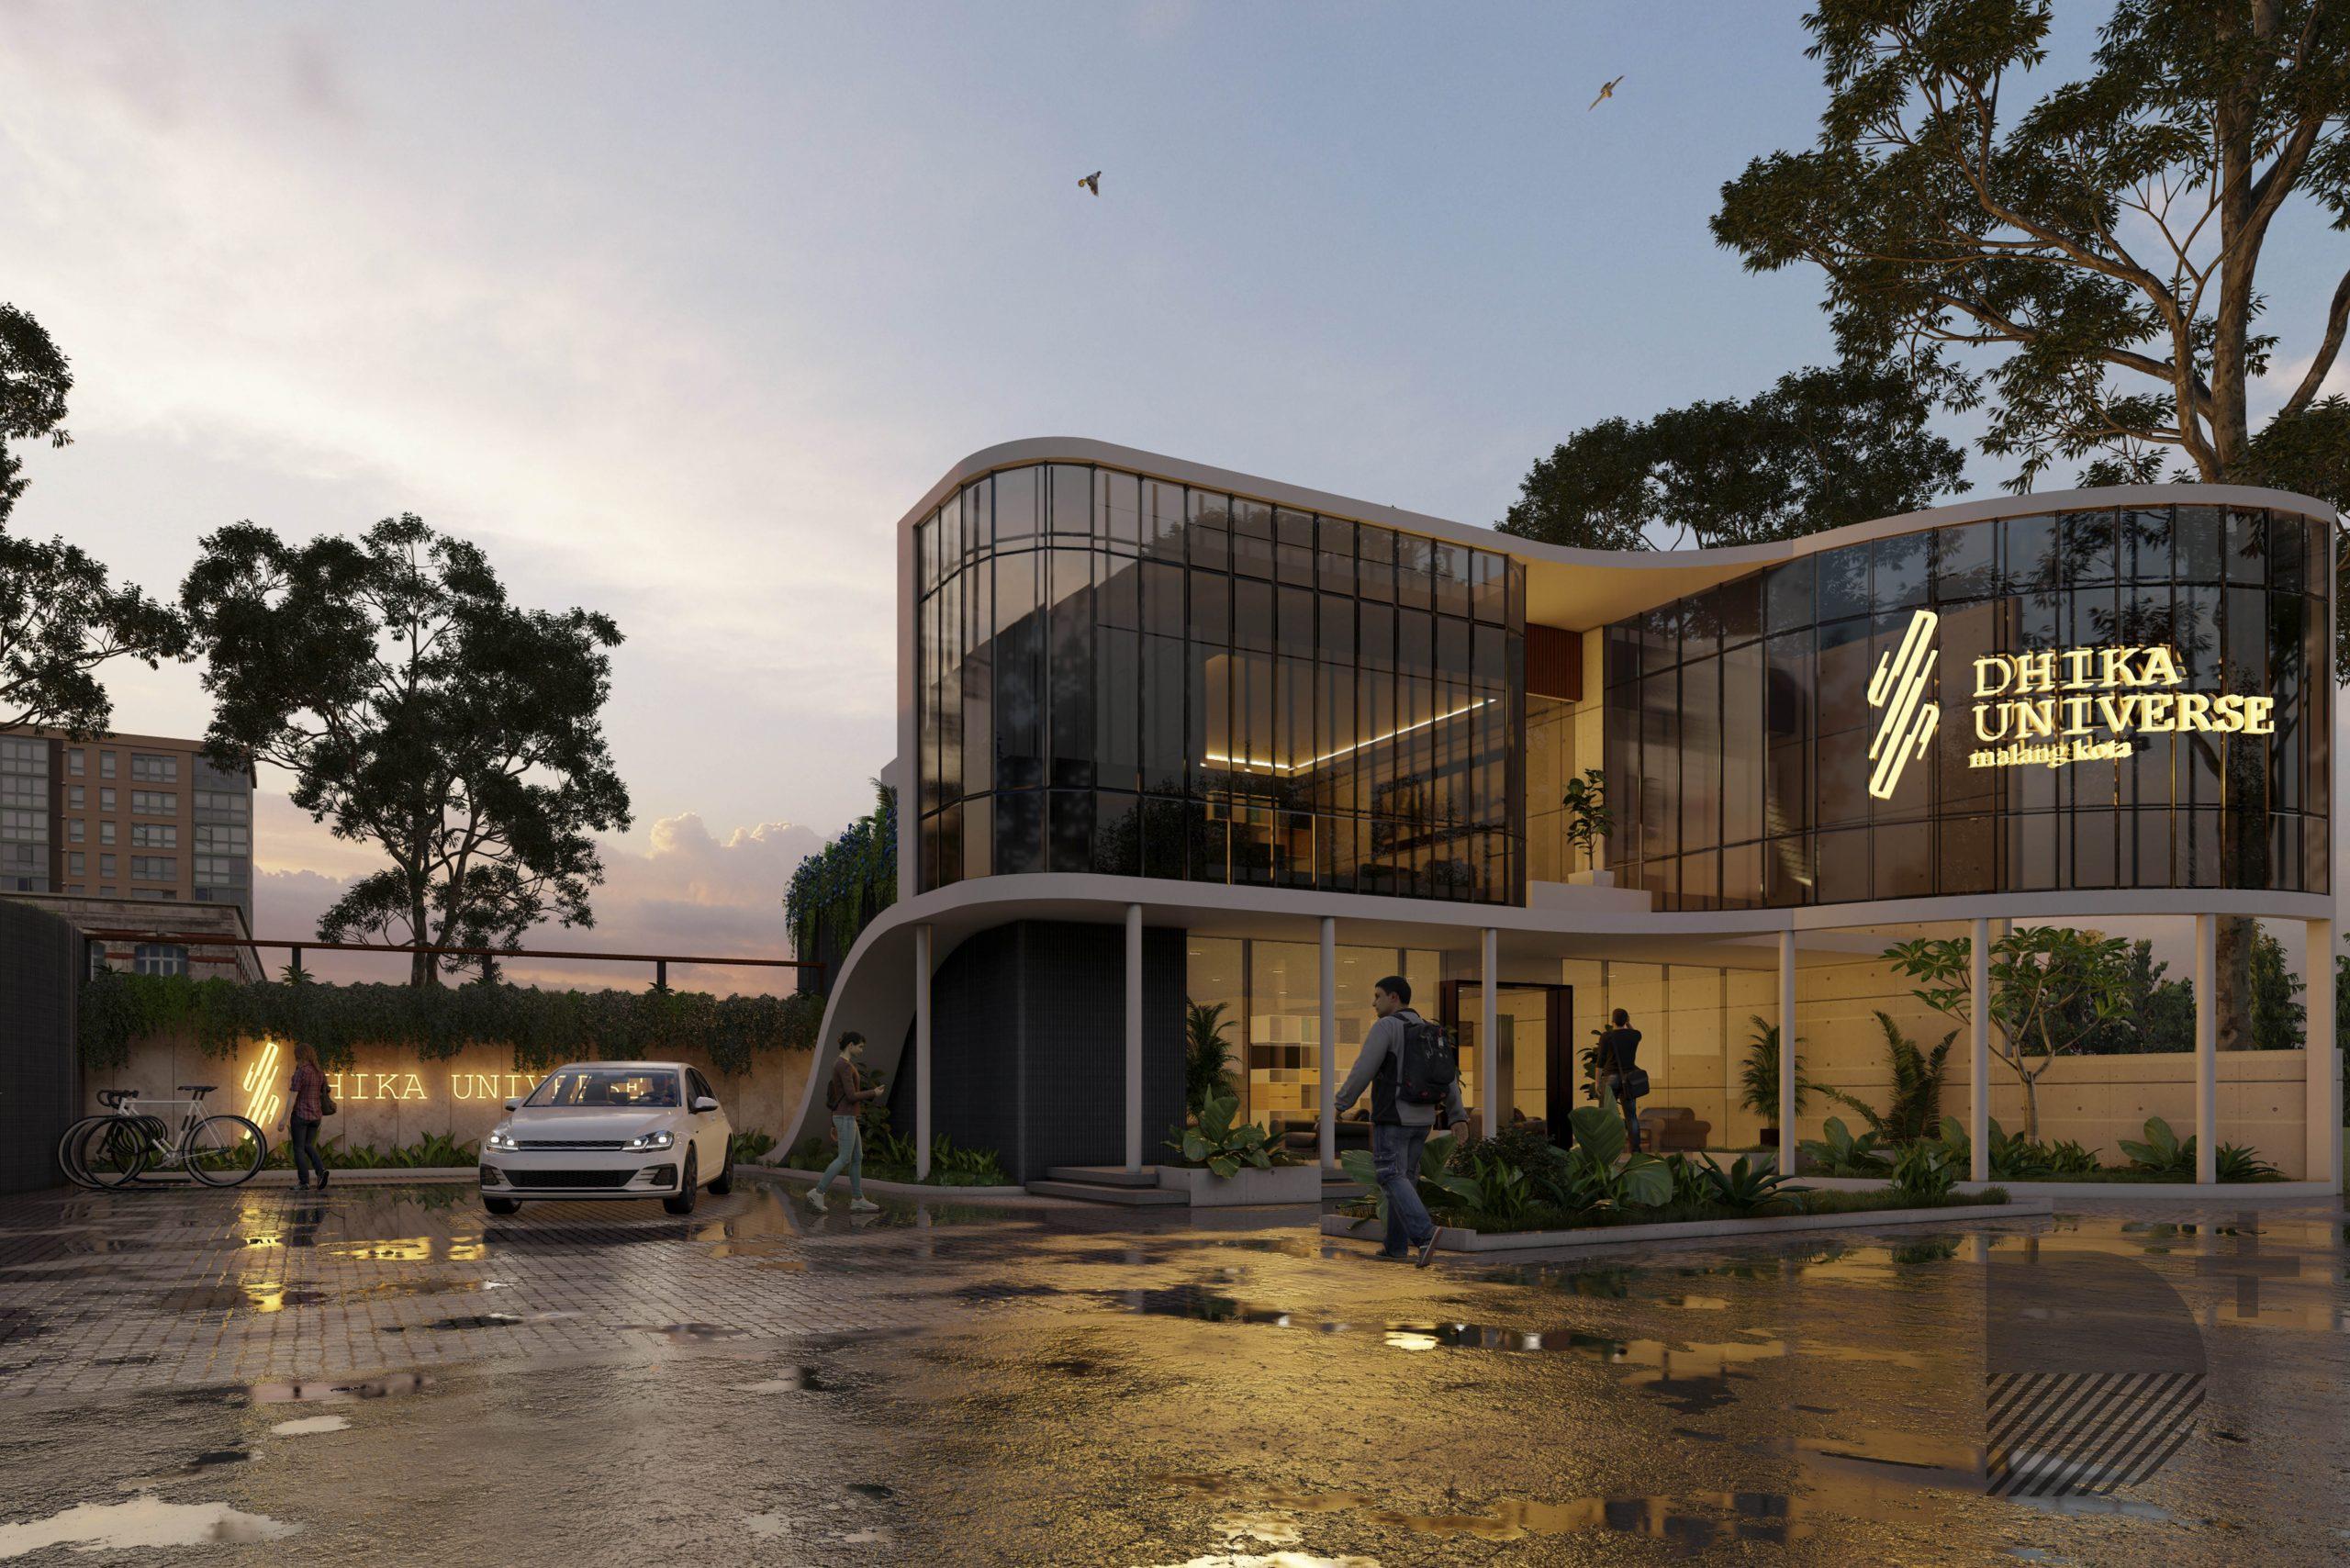 ARS - Dhika Universe Malang (View 2)